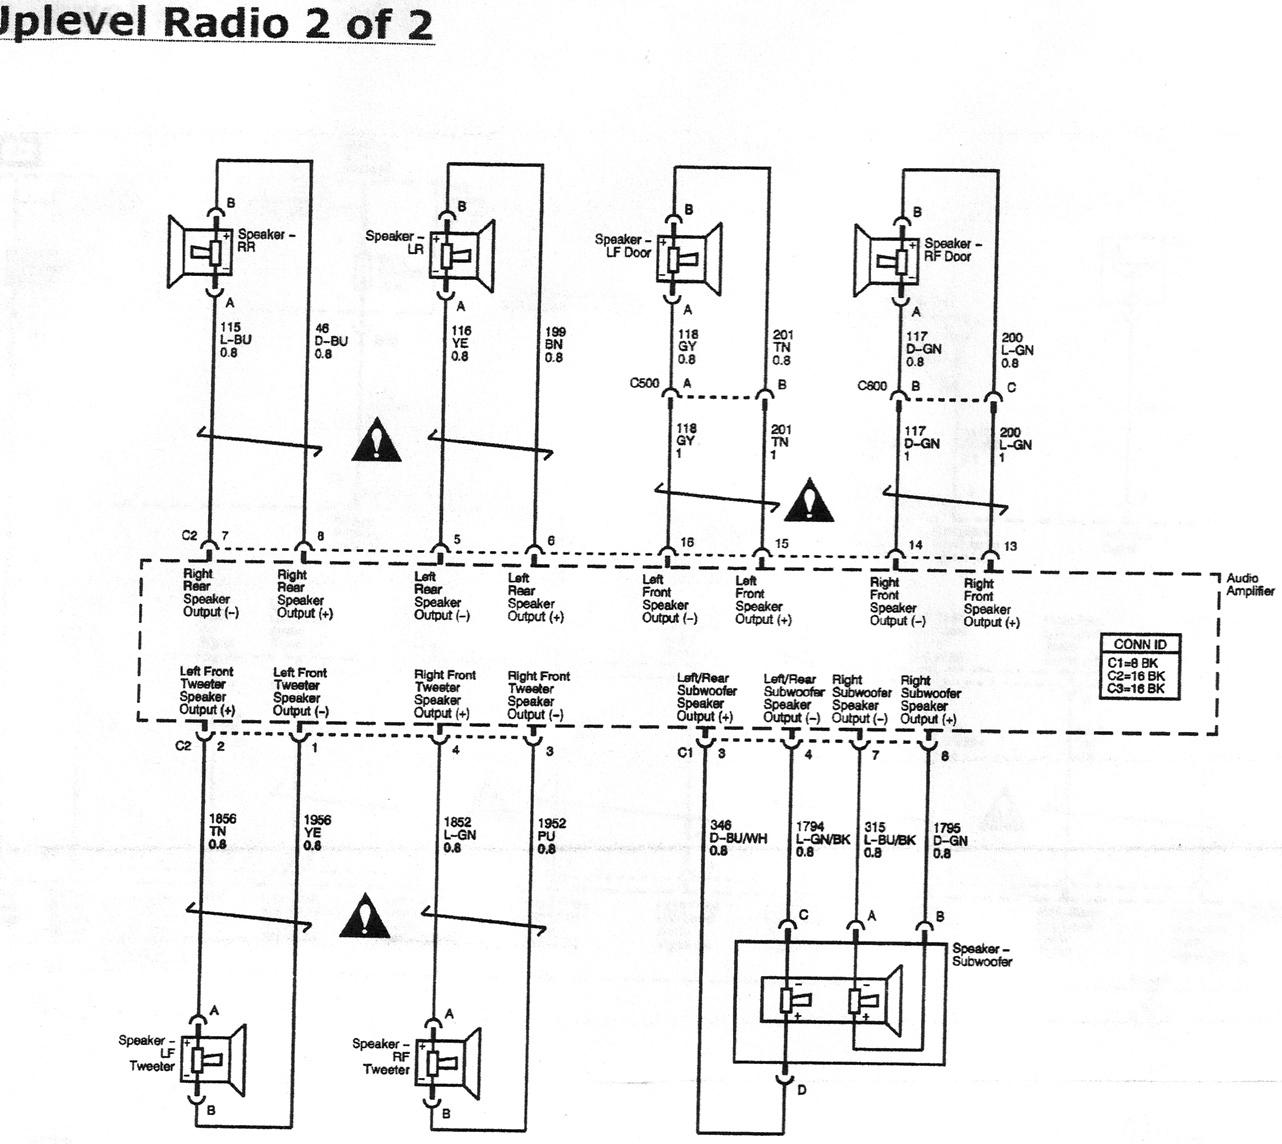 Pontiac Monsoon Amp Wiring Diagram | Wiring Diagram - Vw Monsoon Amp Wiring Diagram